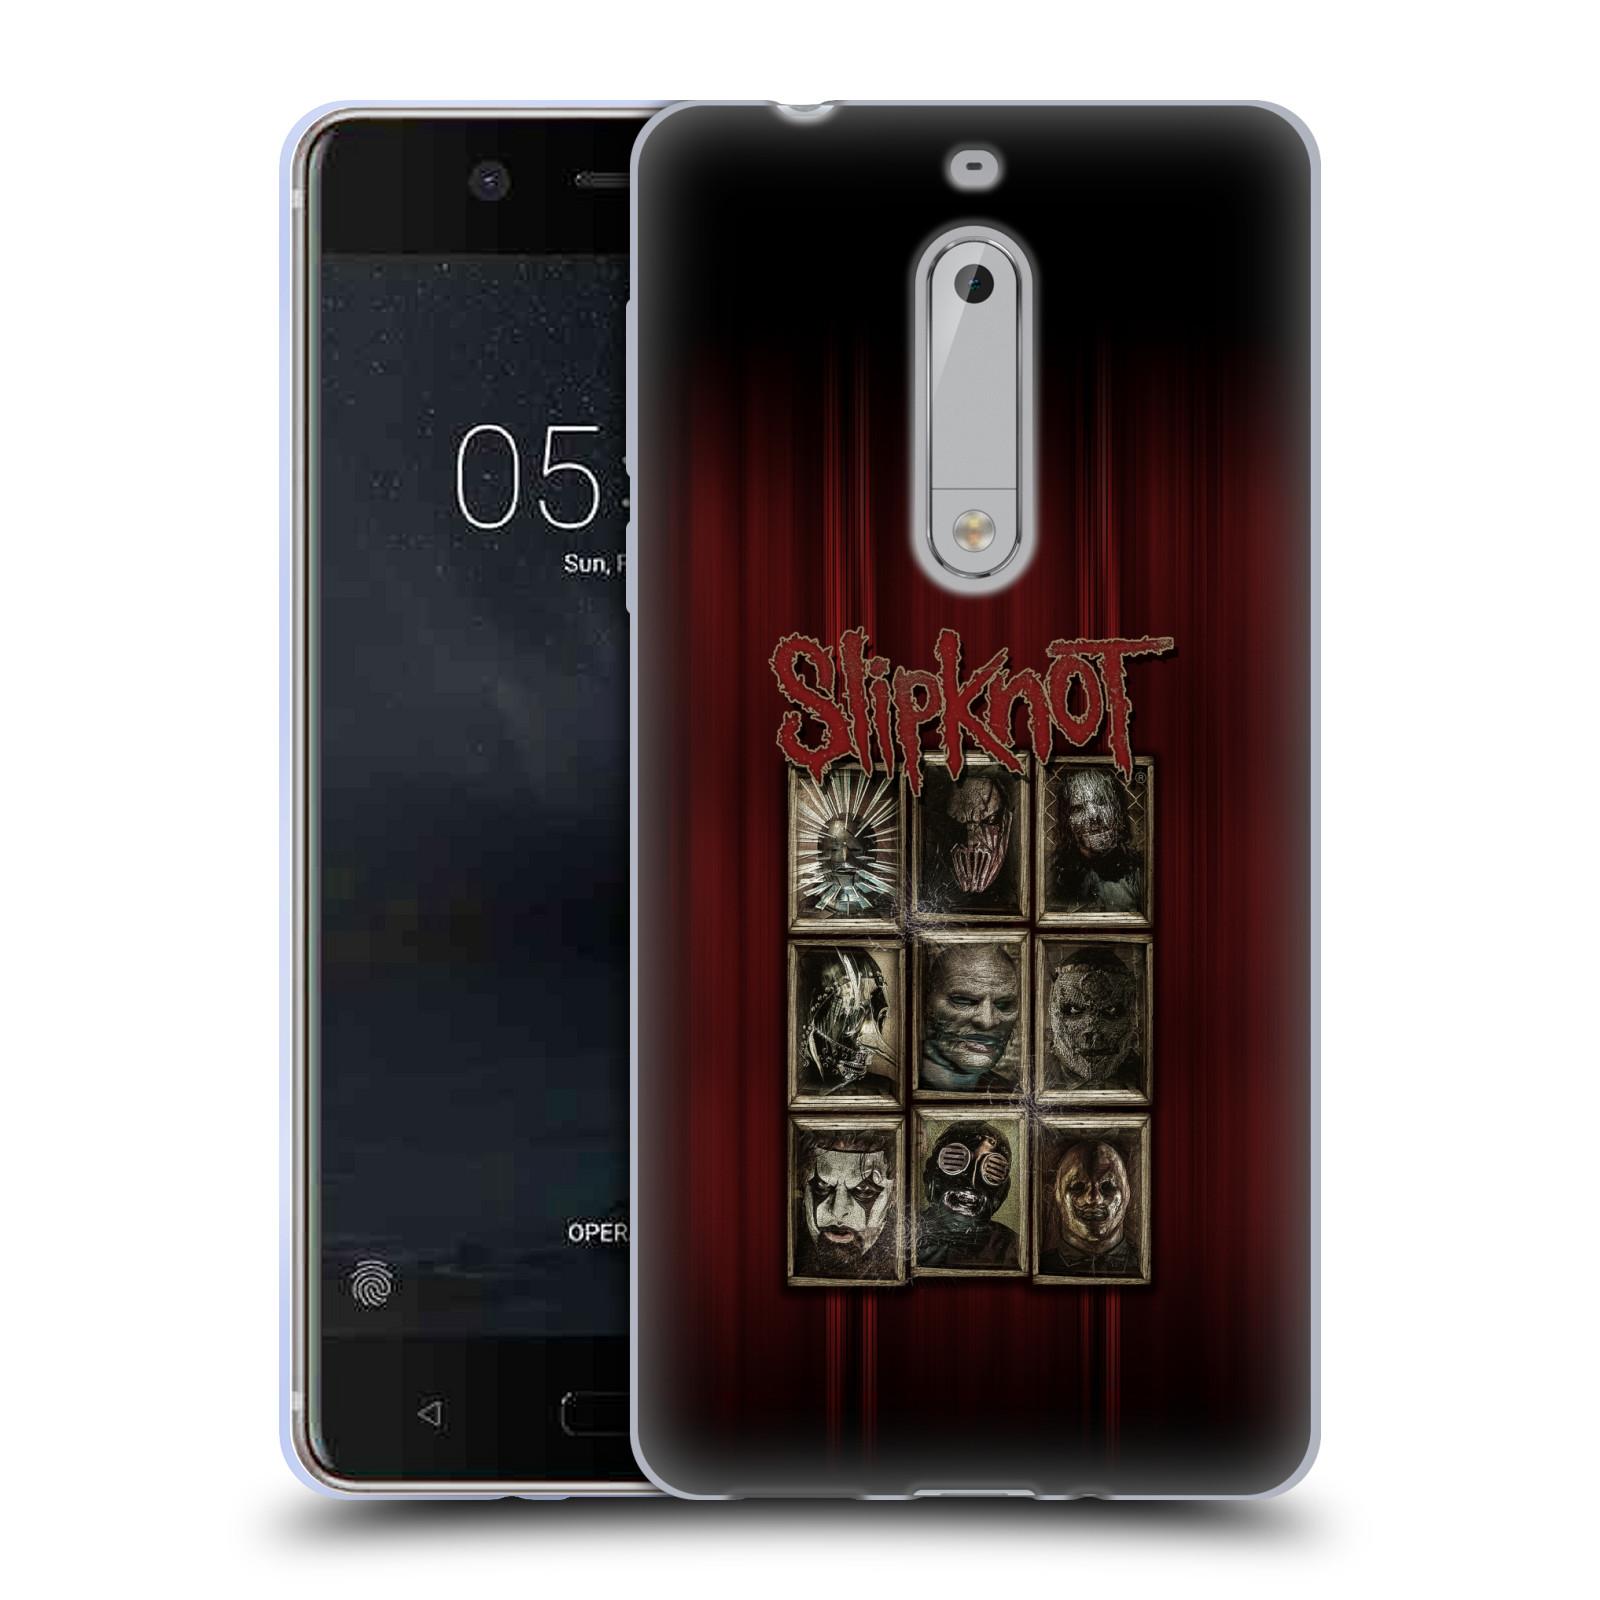 Silikonové pouzdro na mobil Nokia 5 Head Case - Slipknot - Masky (Silikonový kryt či obal na mobilní telefon licencovaným motivem Slipknot pro Nokia 5 (2017))